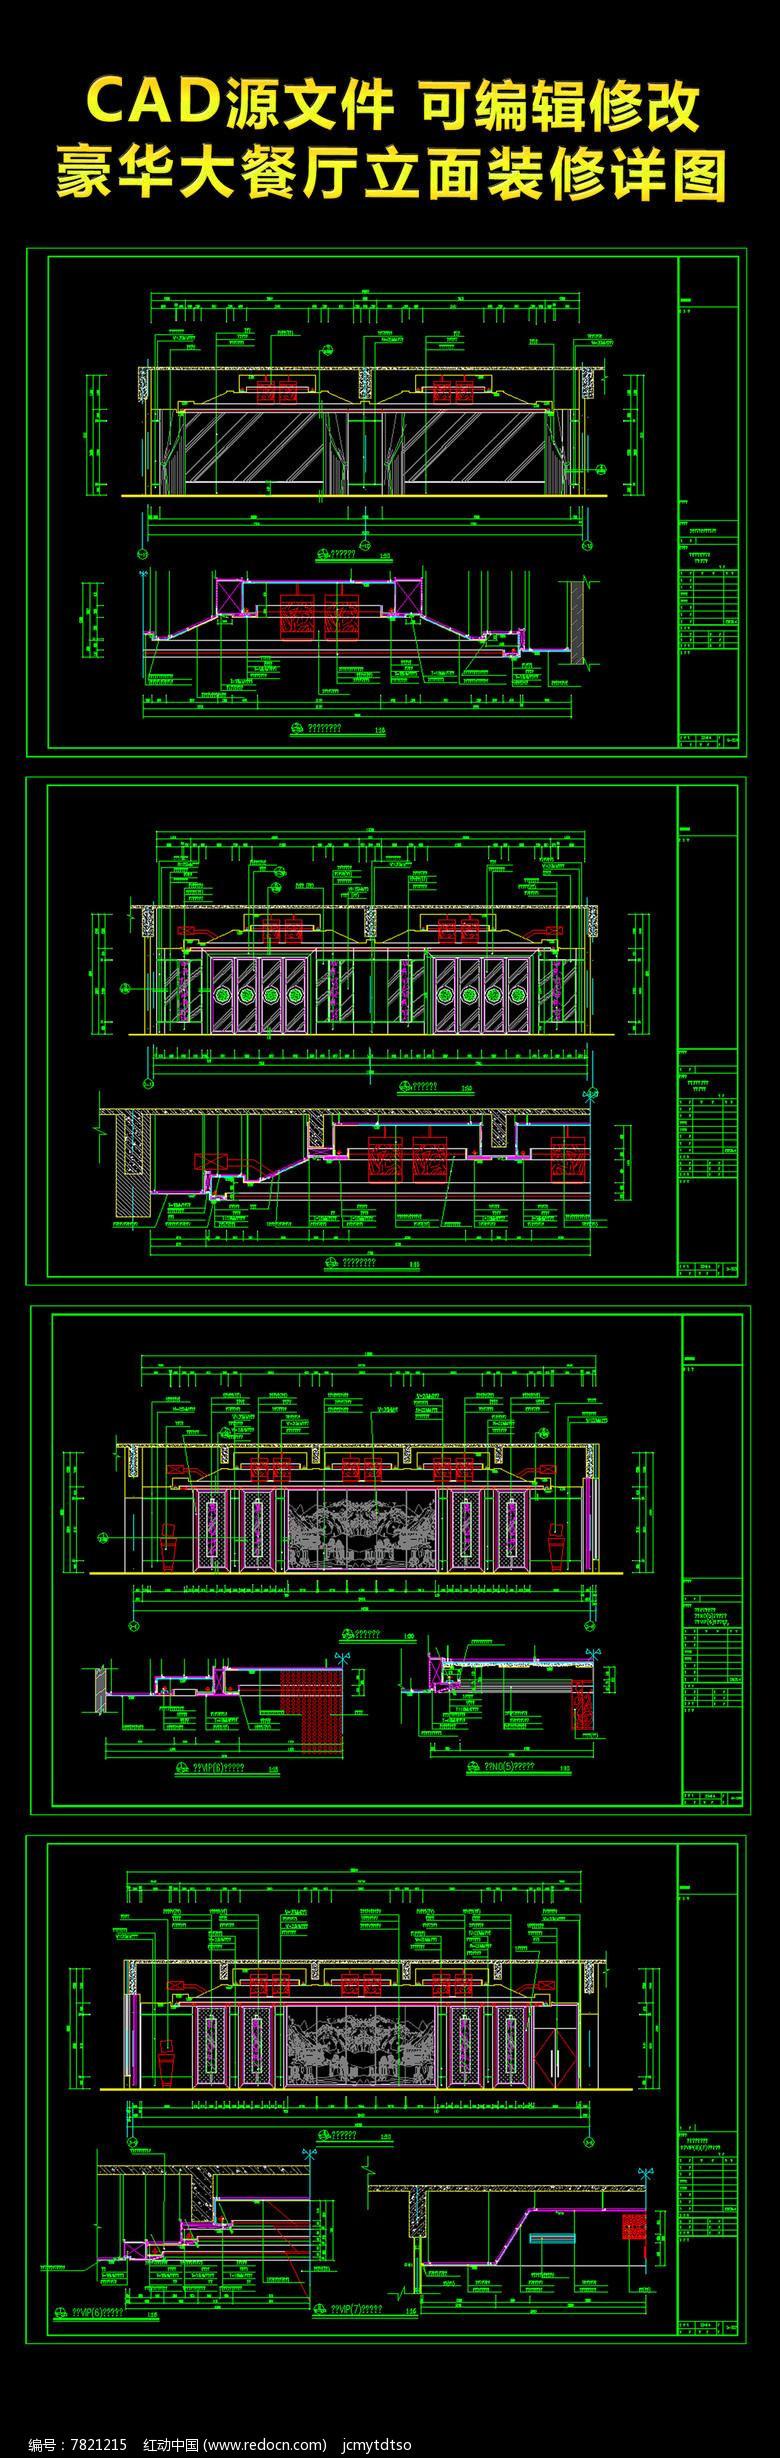 豪华大餐厅立面装修详图CAD图片